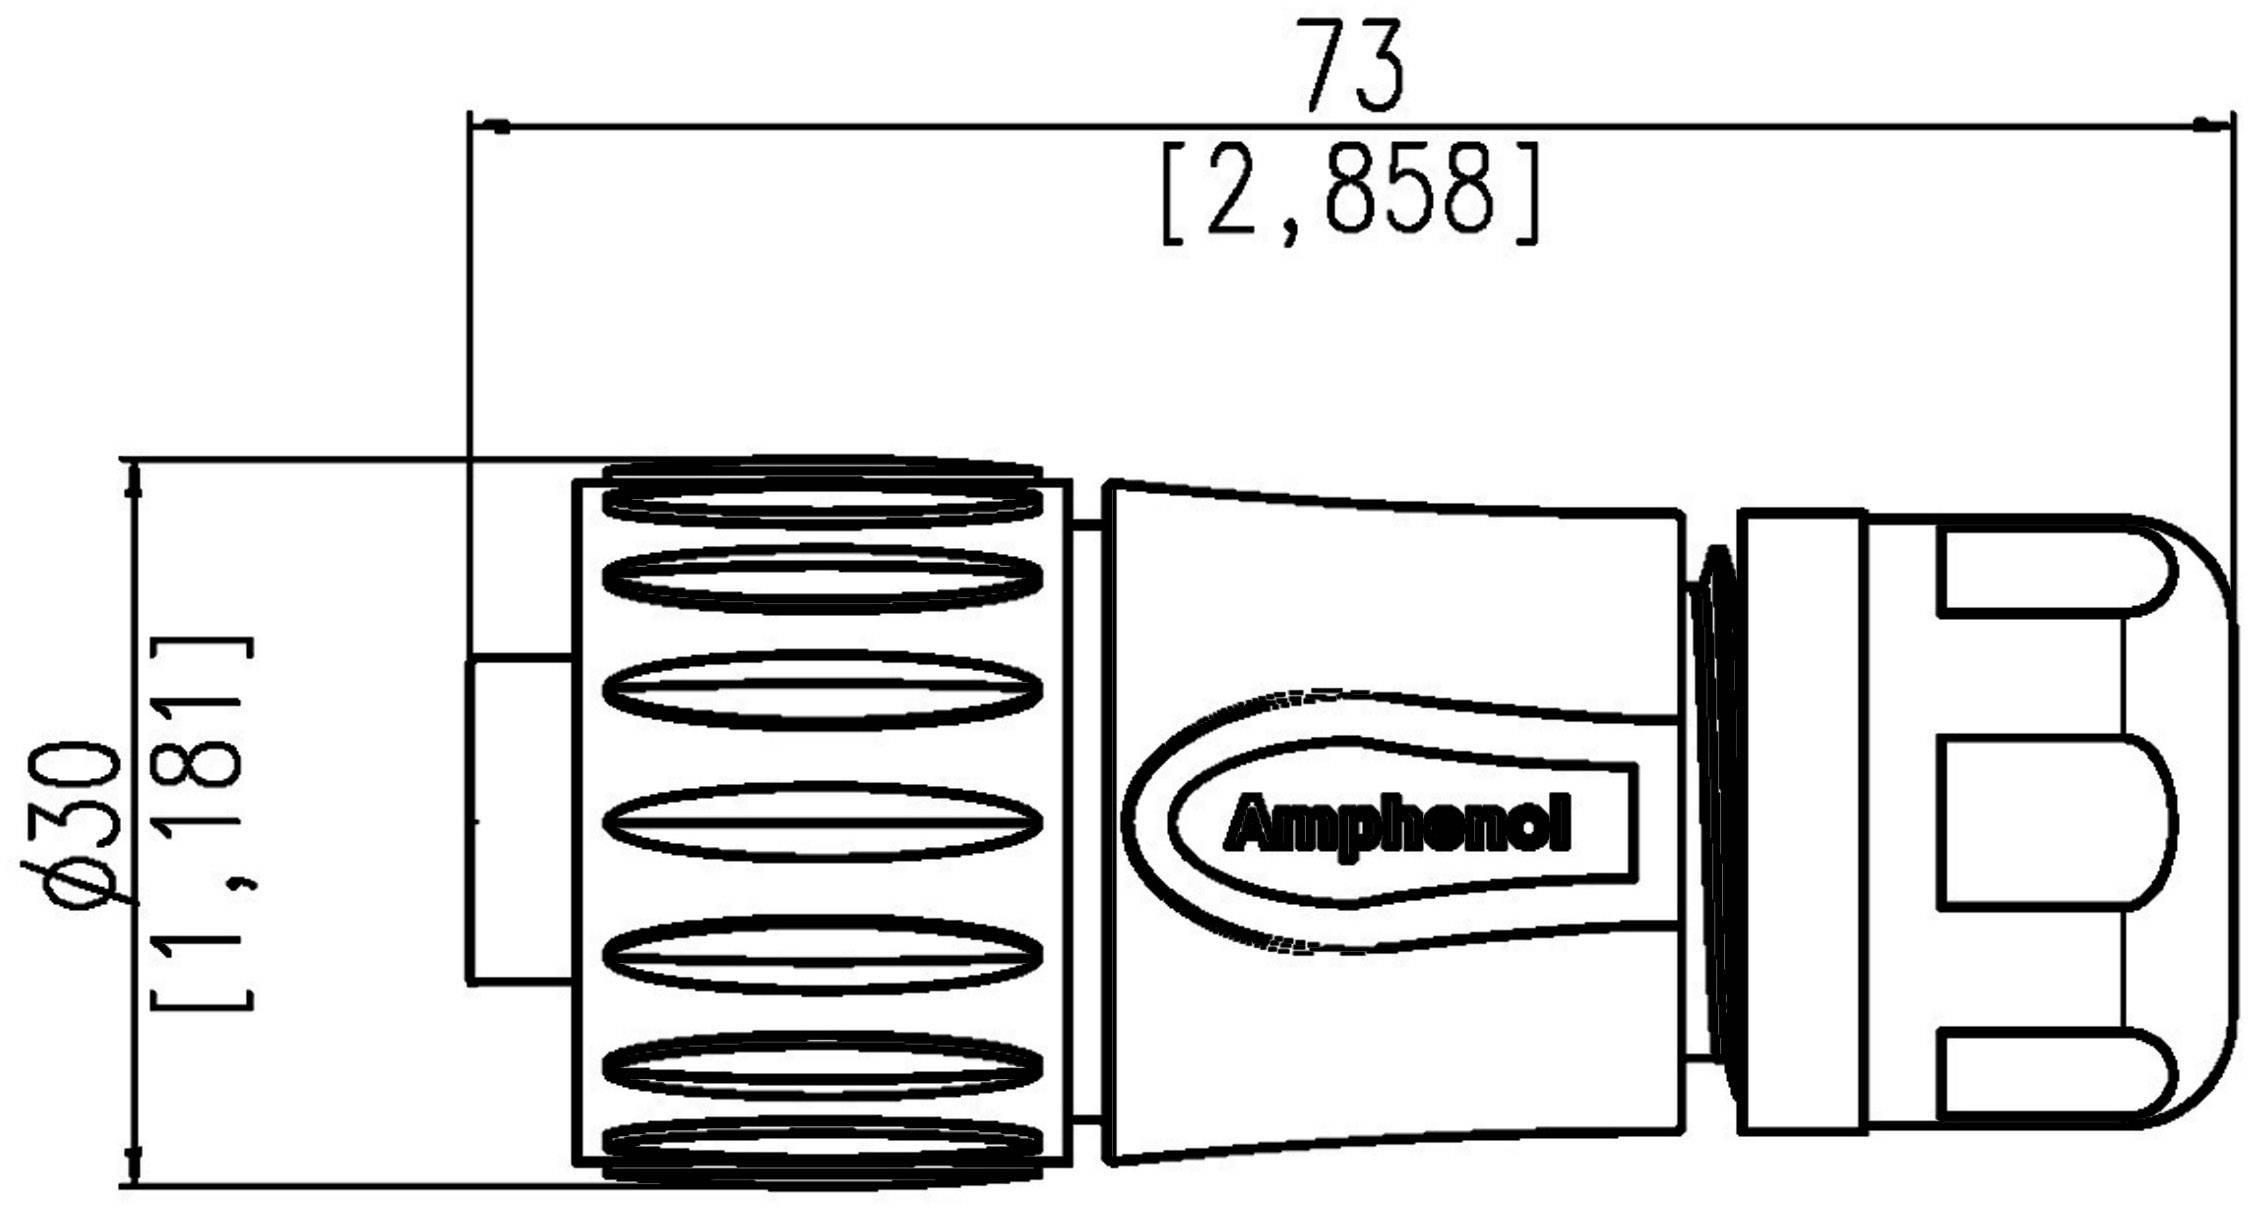 Kabelová zásuvka 6+PE Amphenol C016 10D006 010 12, černá